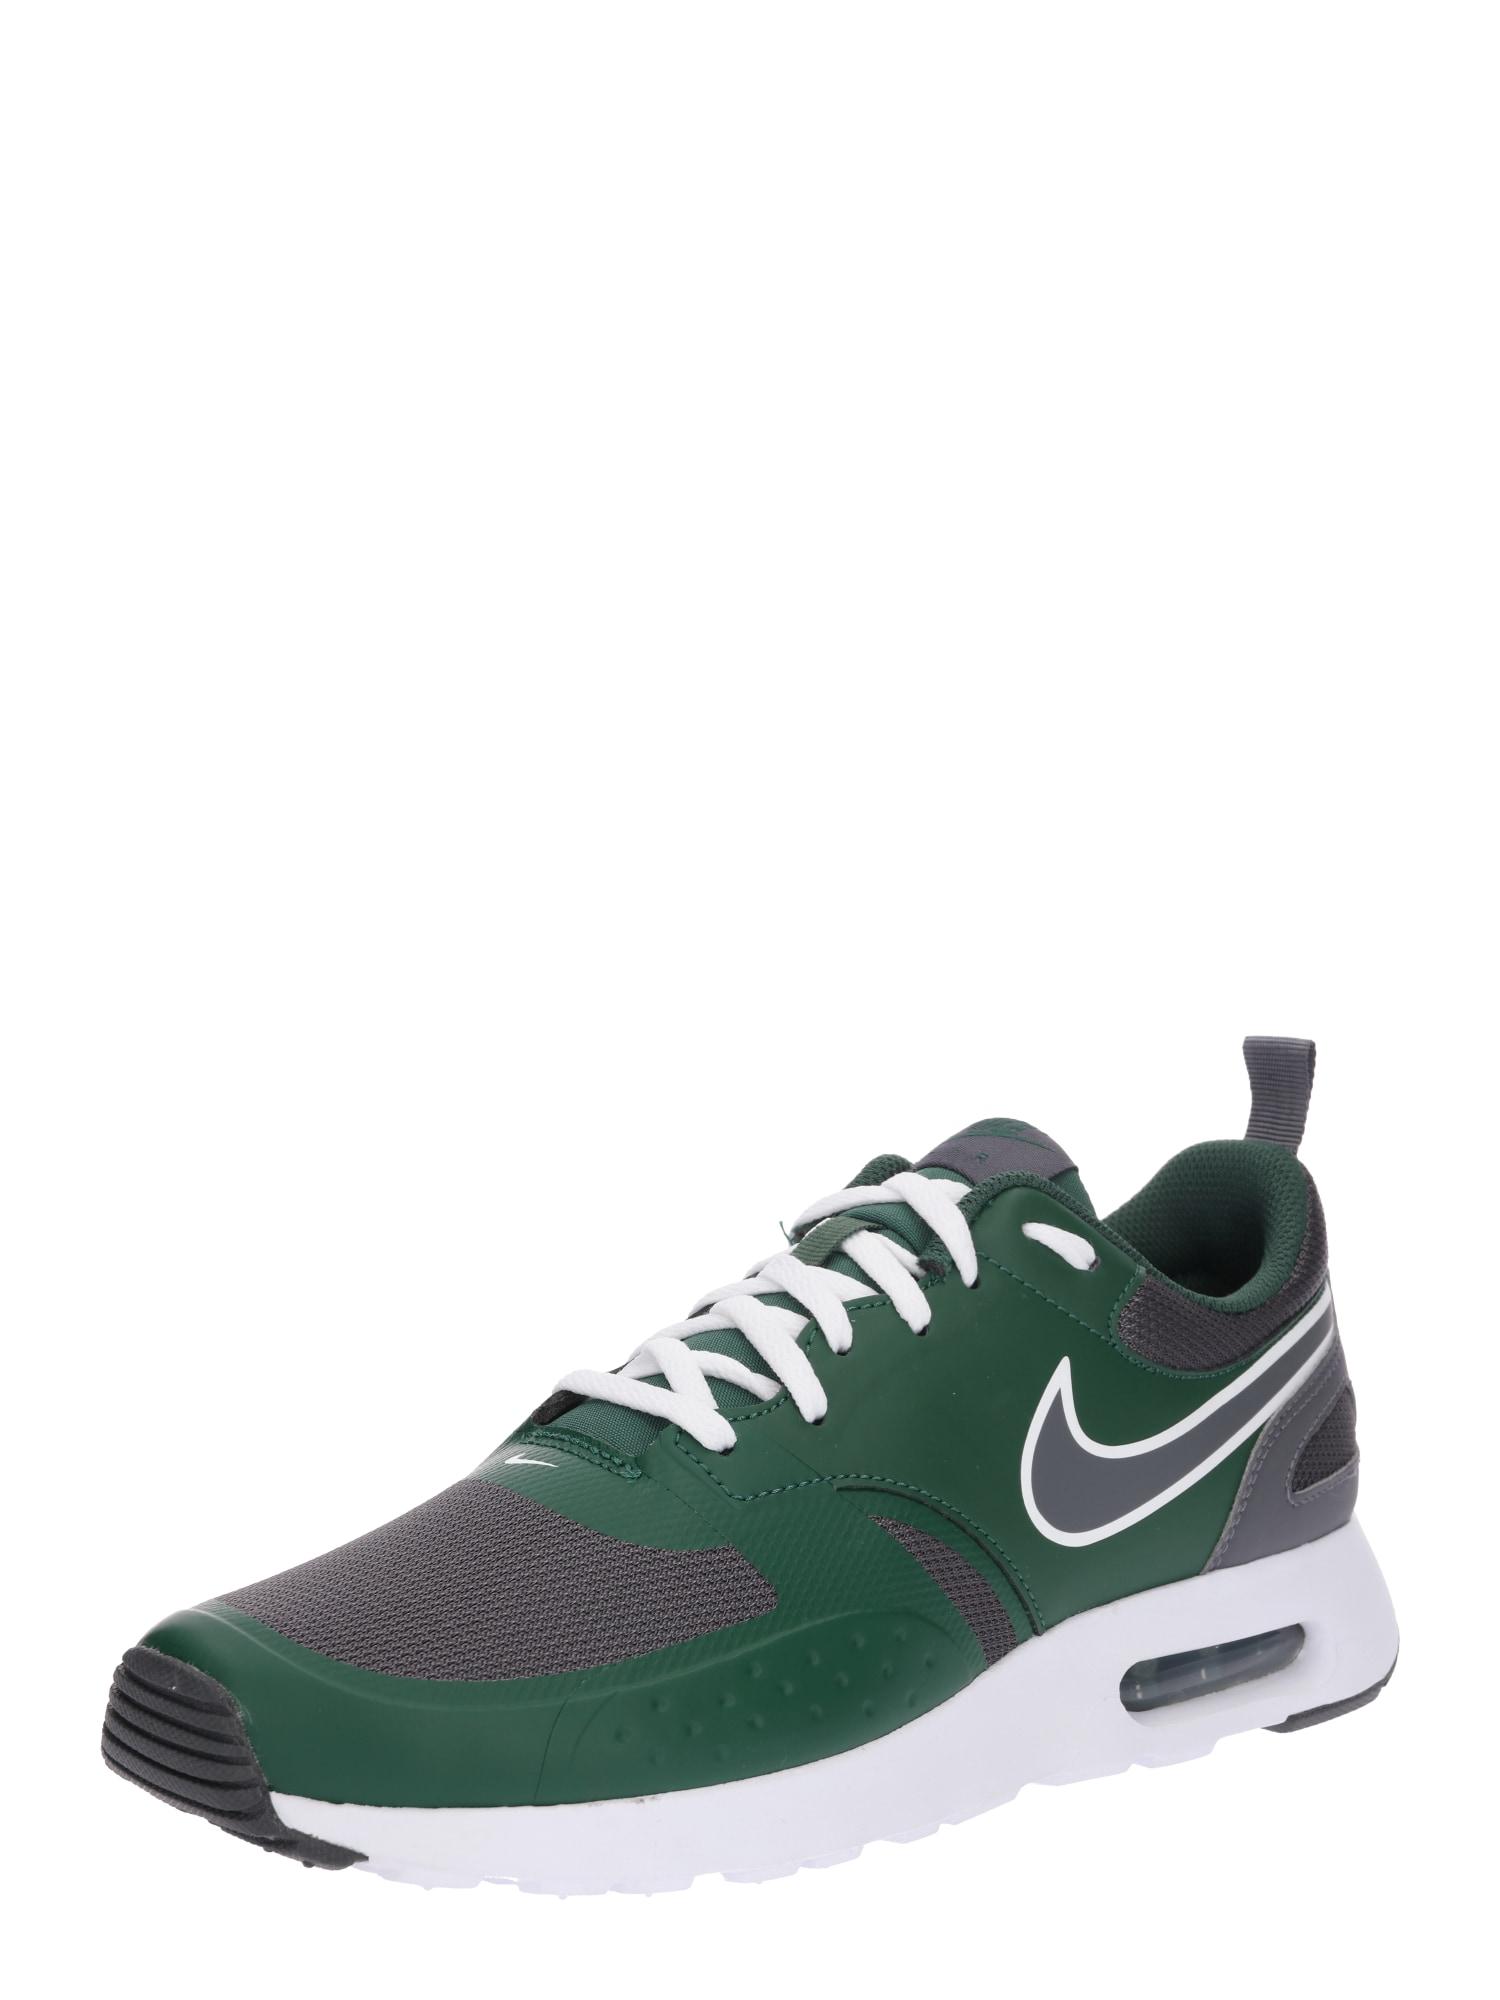 Nike Sportswear, Heren Sneakers laag 'Air Max Vision Shoe', olijfgroen / offwhite